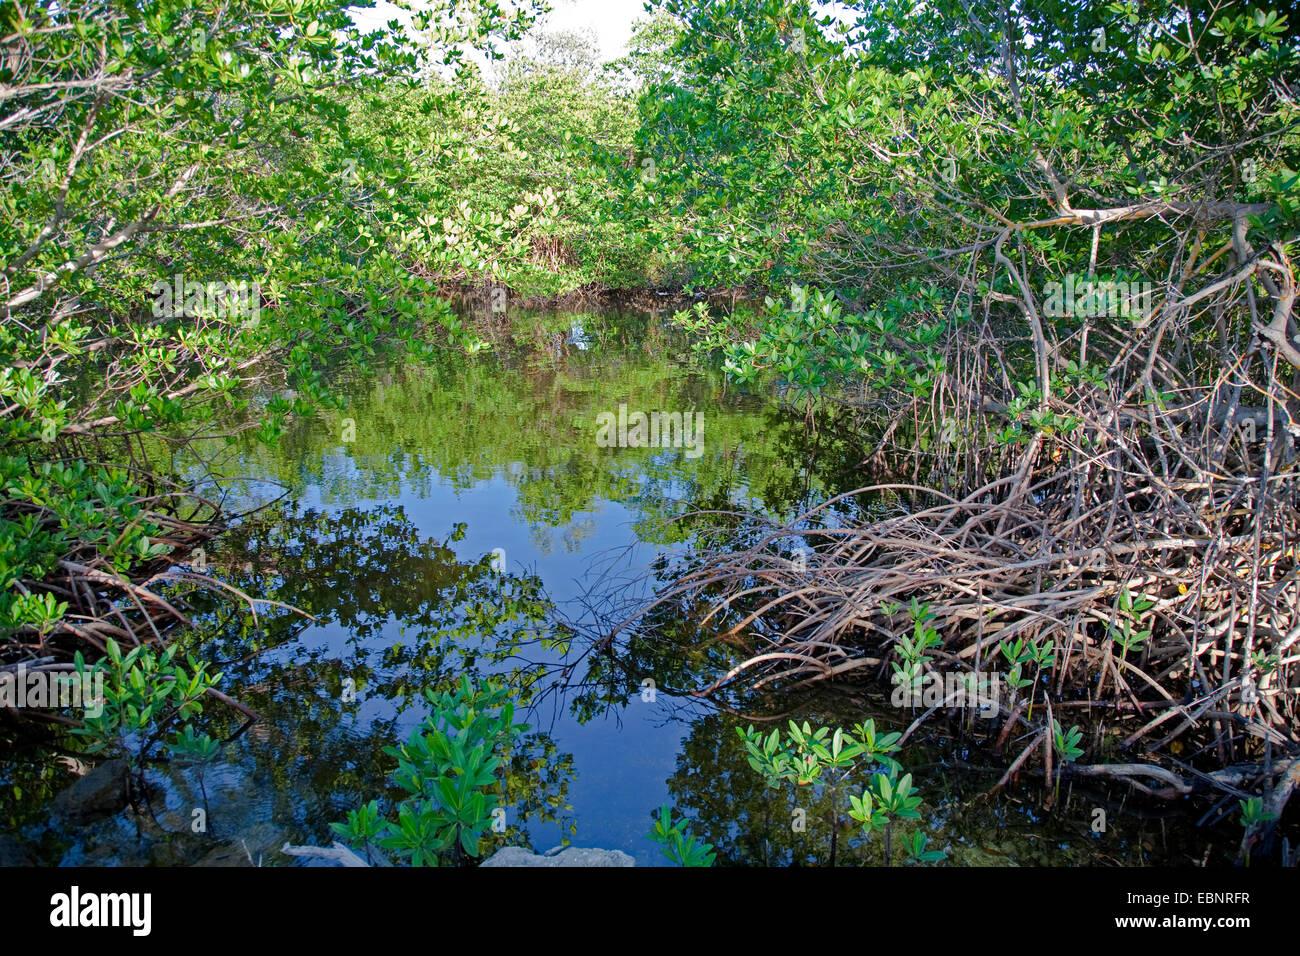 mangroves of Sanibel Island, USA, Florida, J.N. Ding Darling National Wildlife Refuge, Fort Meyers - Stock Image